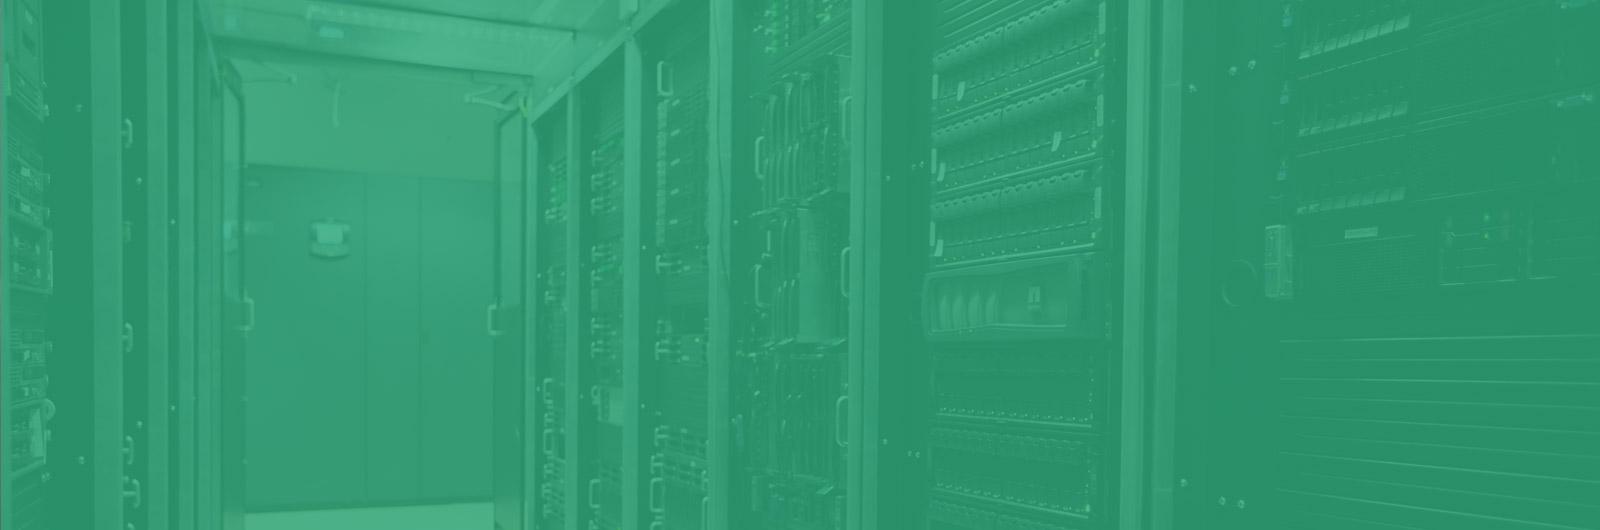 Dedikeret samarbejdspartner der udvikler og etablerer datacenterløsninger